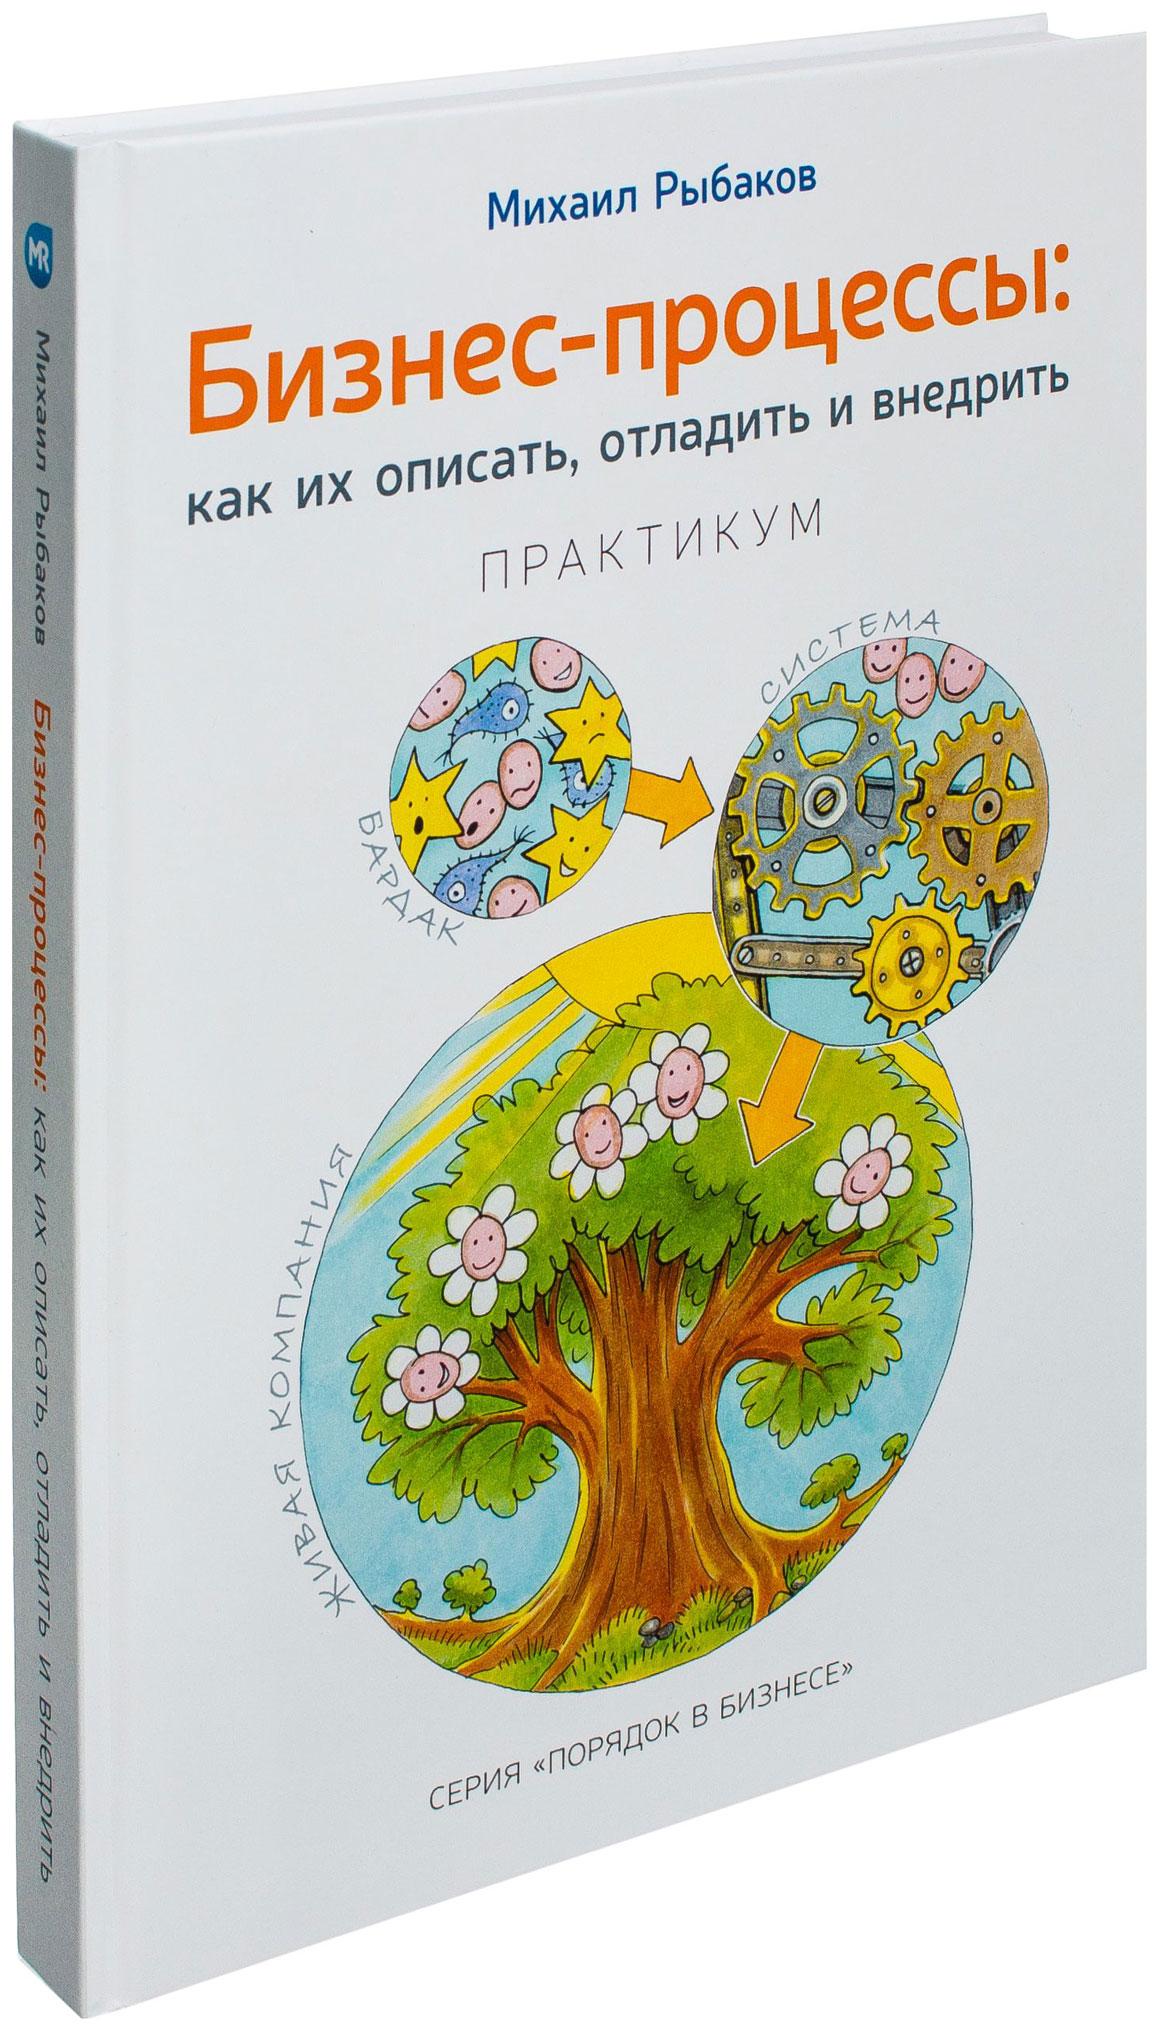 Книга Михаил Рыбаков Бизнес-Процессы: как Их Описать, Отладить и Внедрить, практикум фото